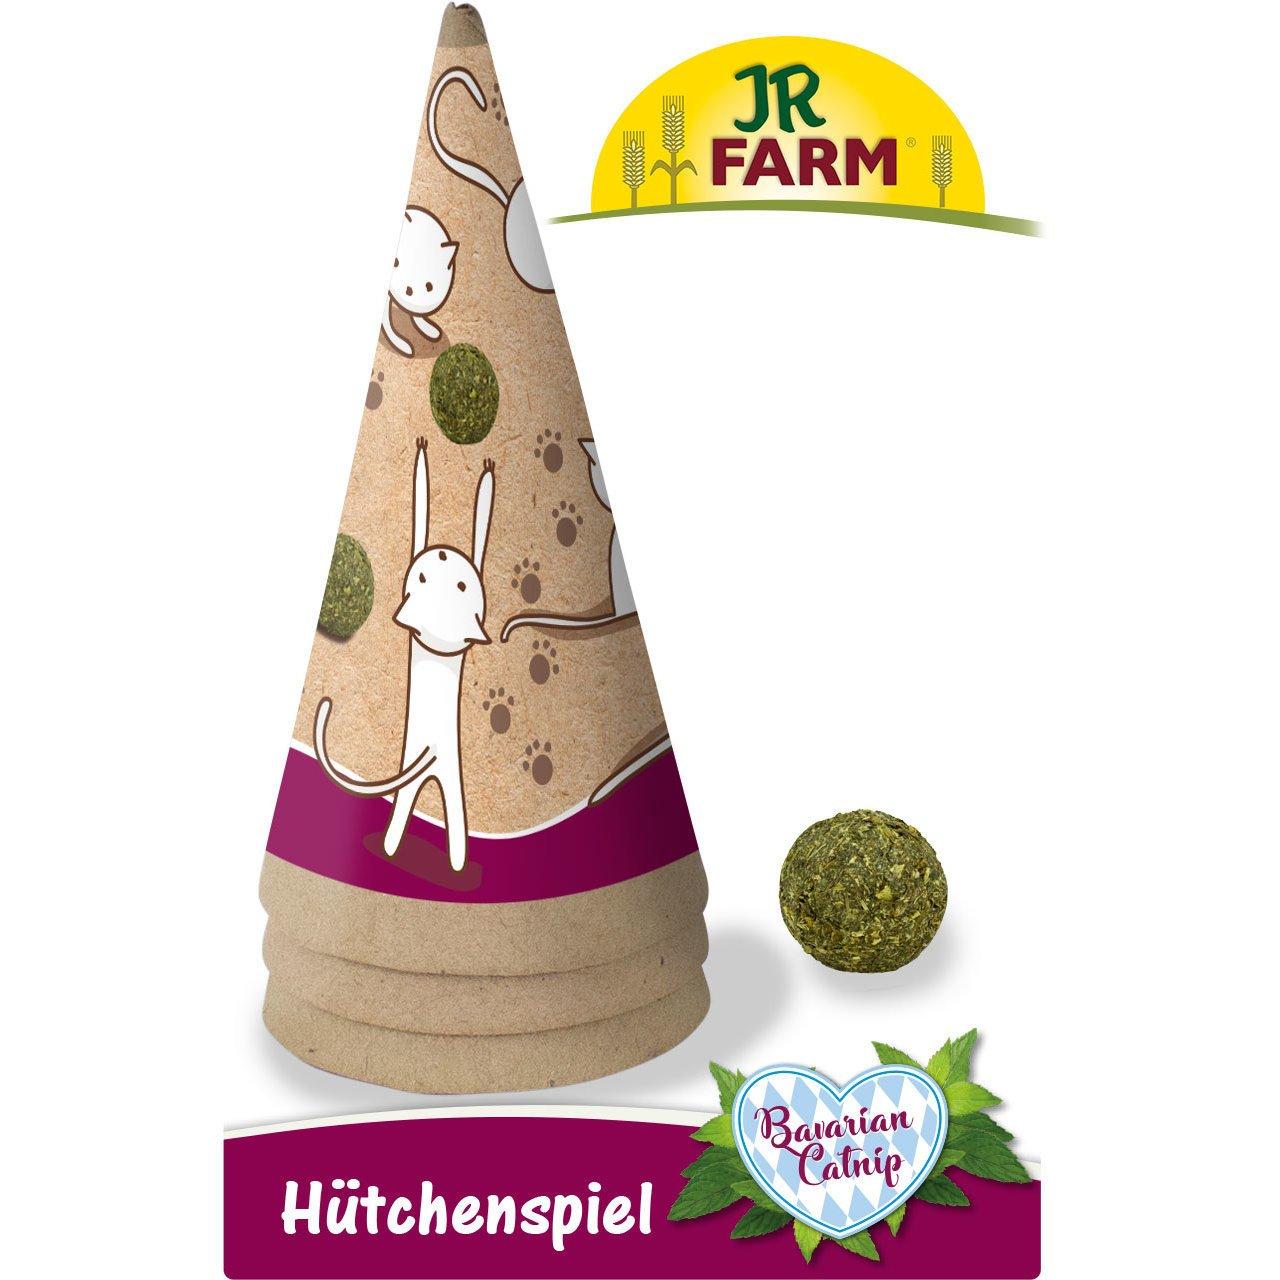 JR Farm Bavarian Catnip Hütchenspiel, Hütchenspiel